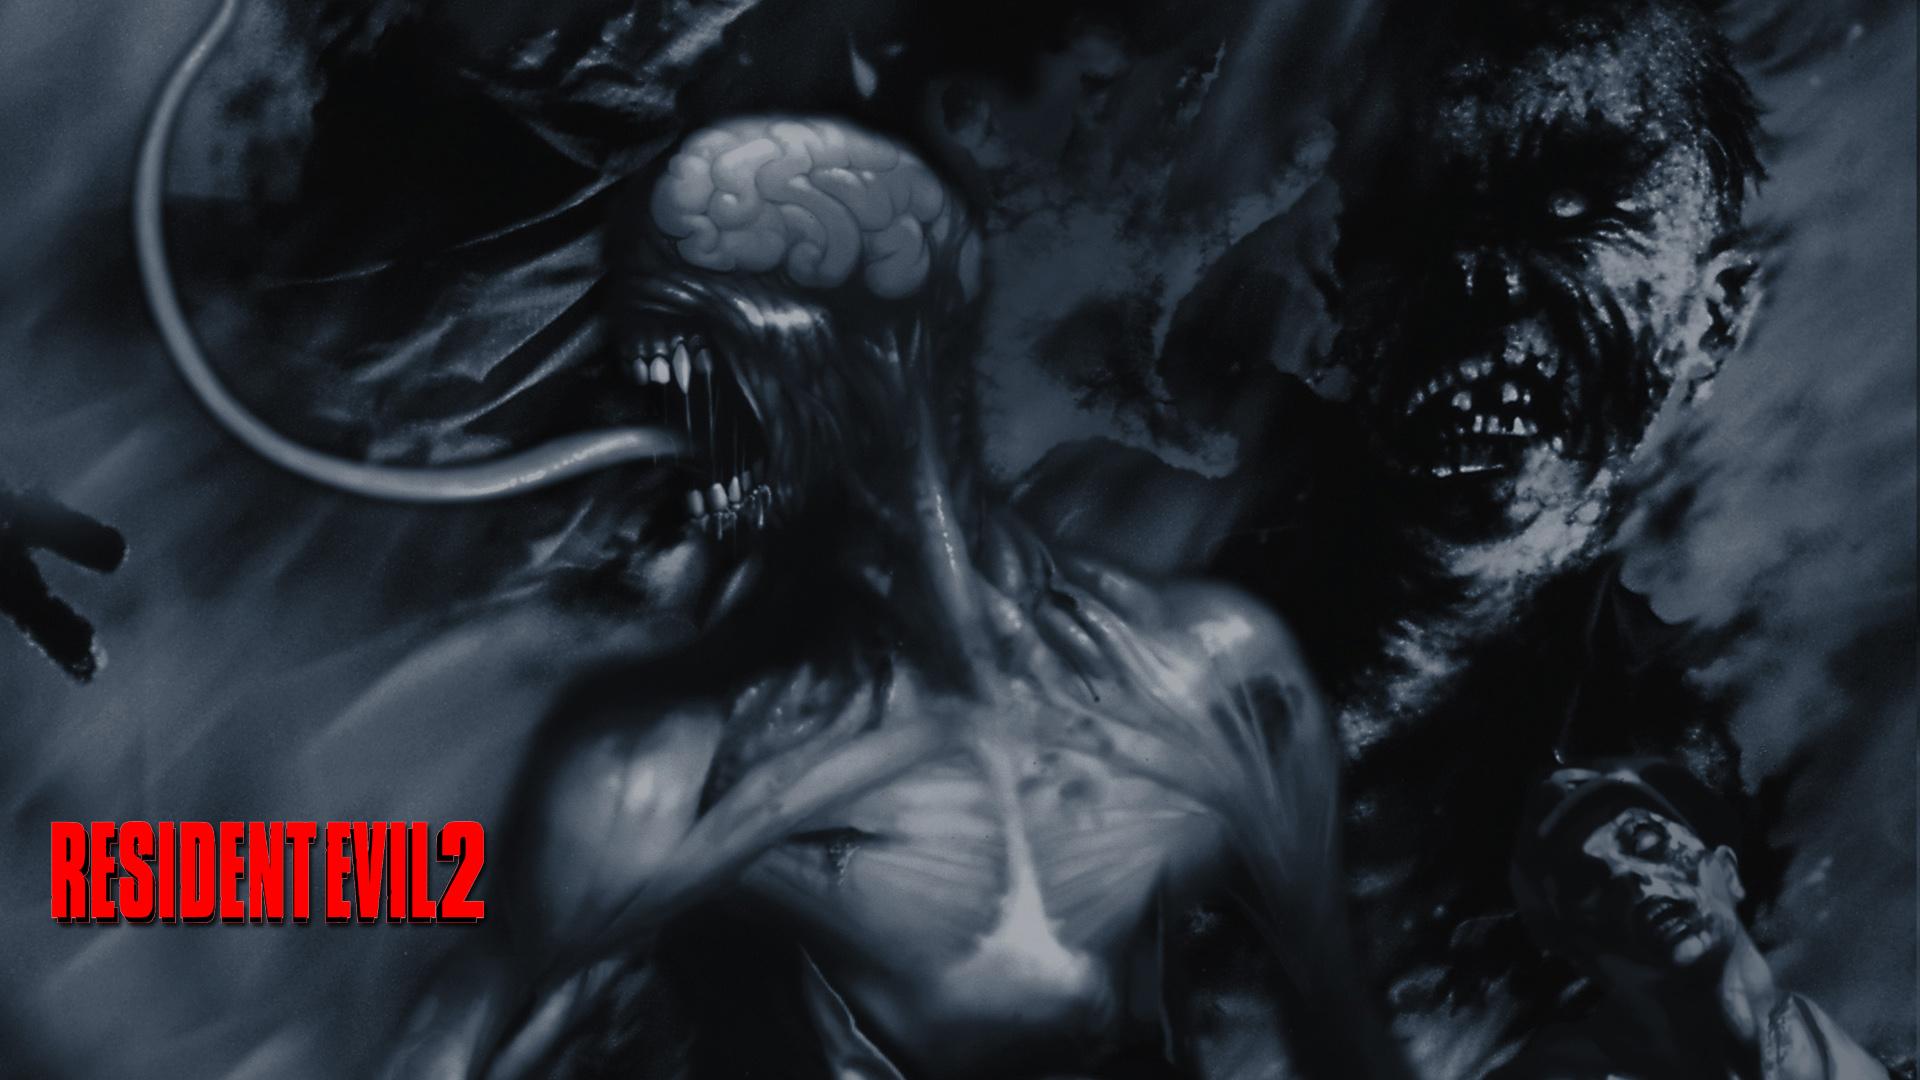 Resident Evil 2 - Wallpapers